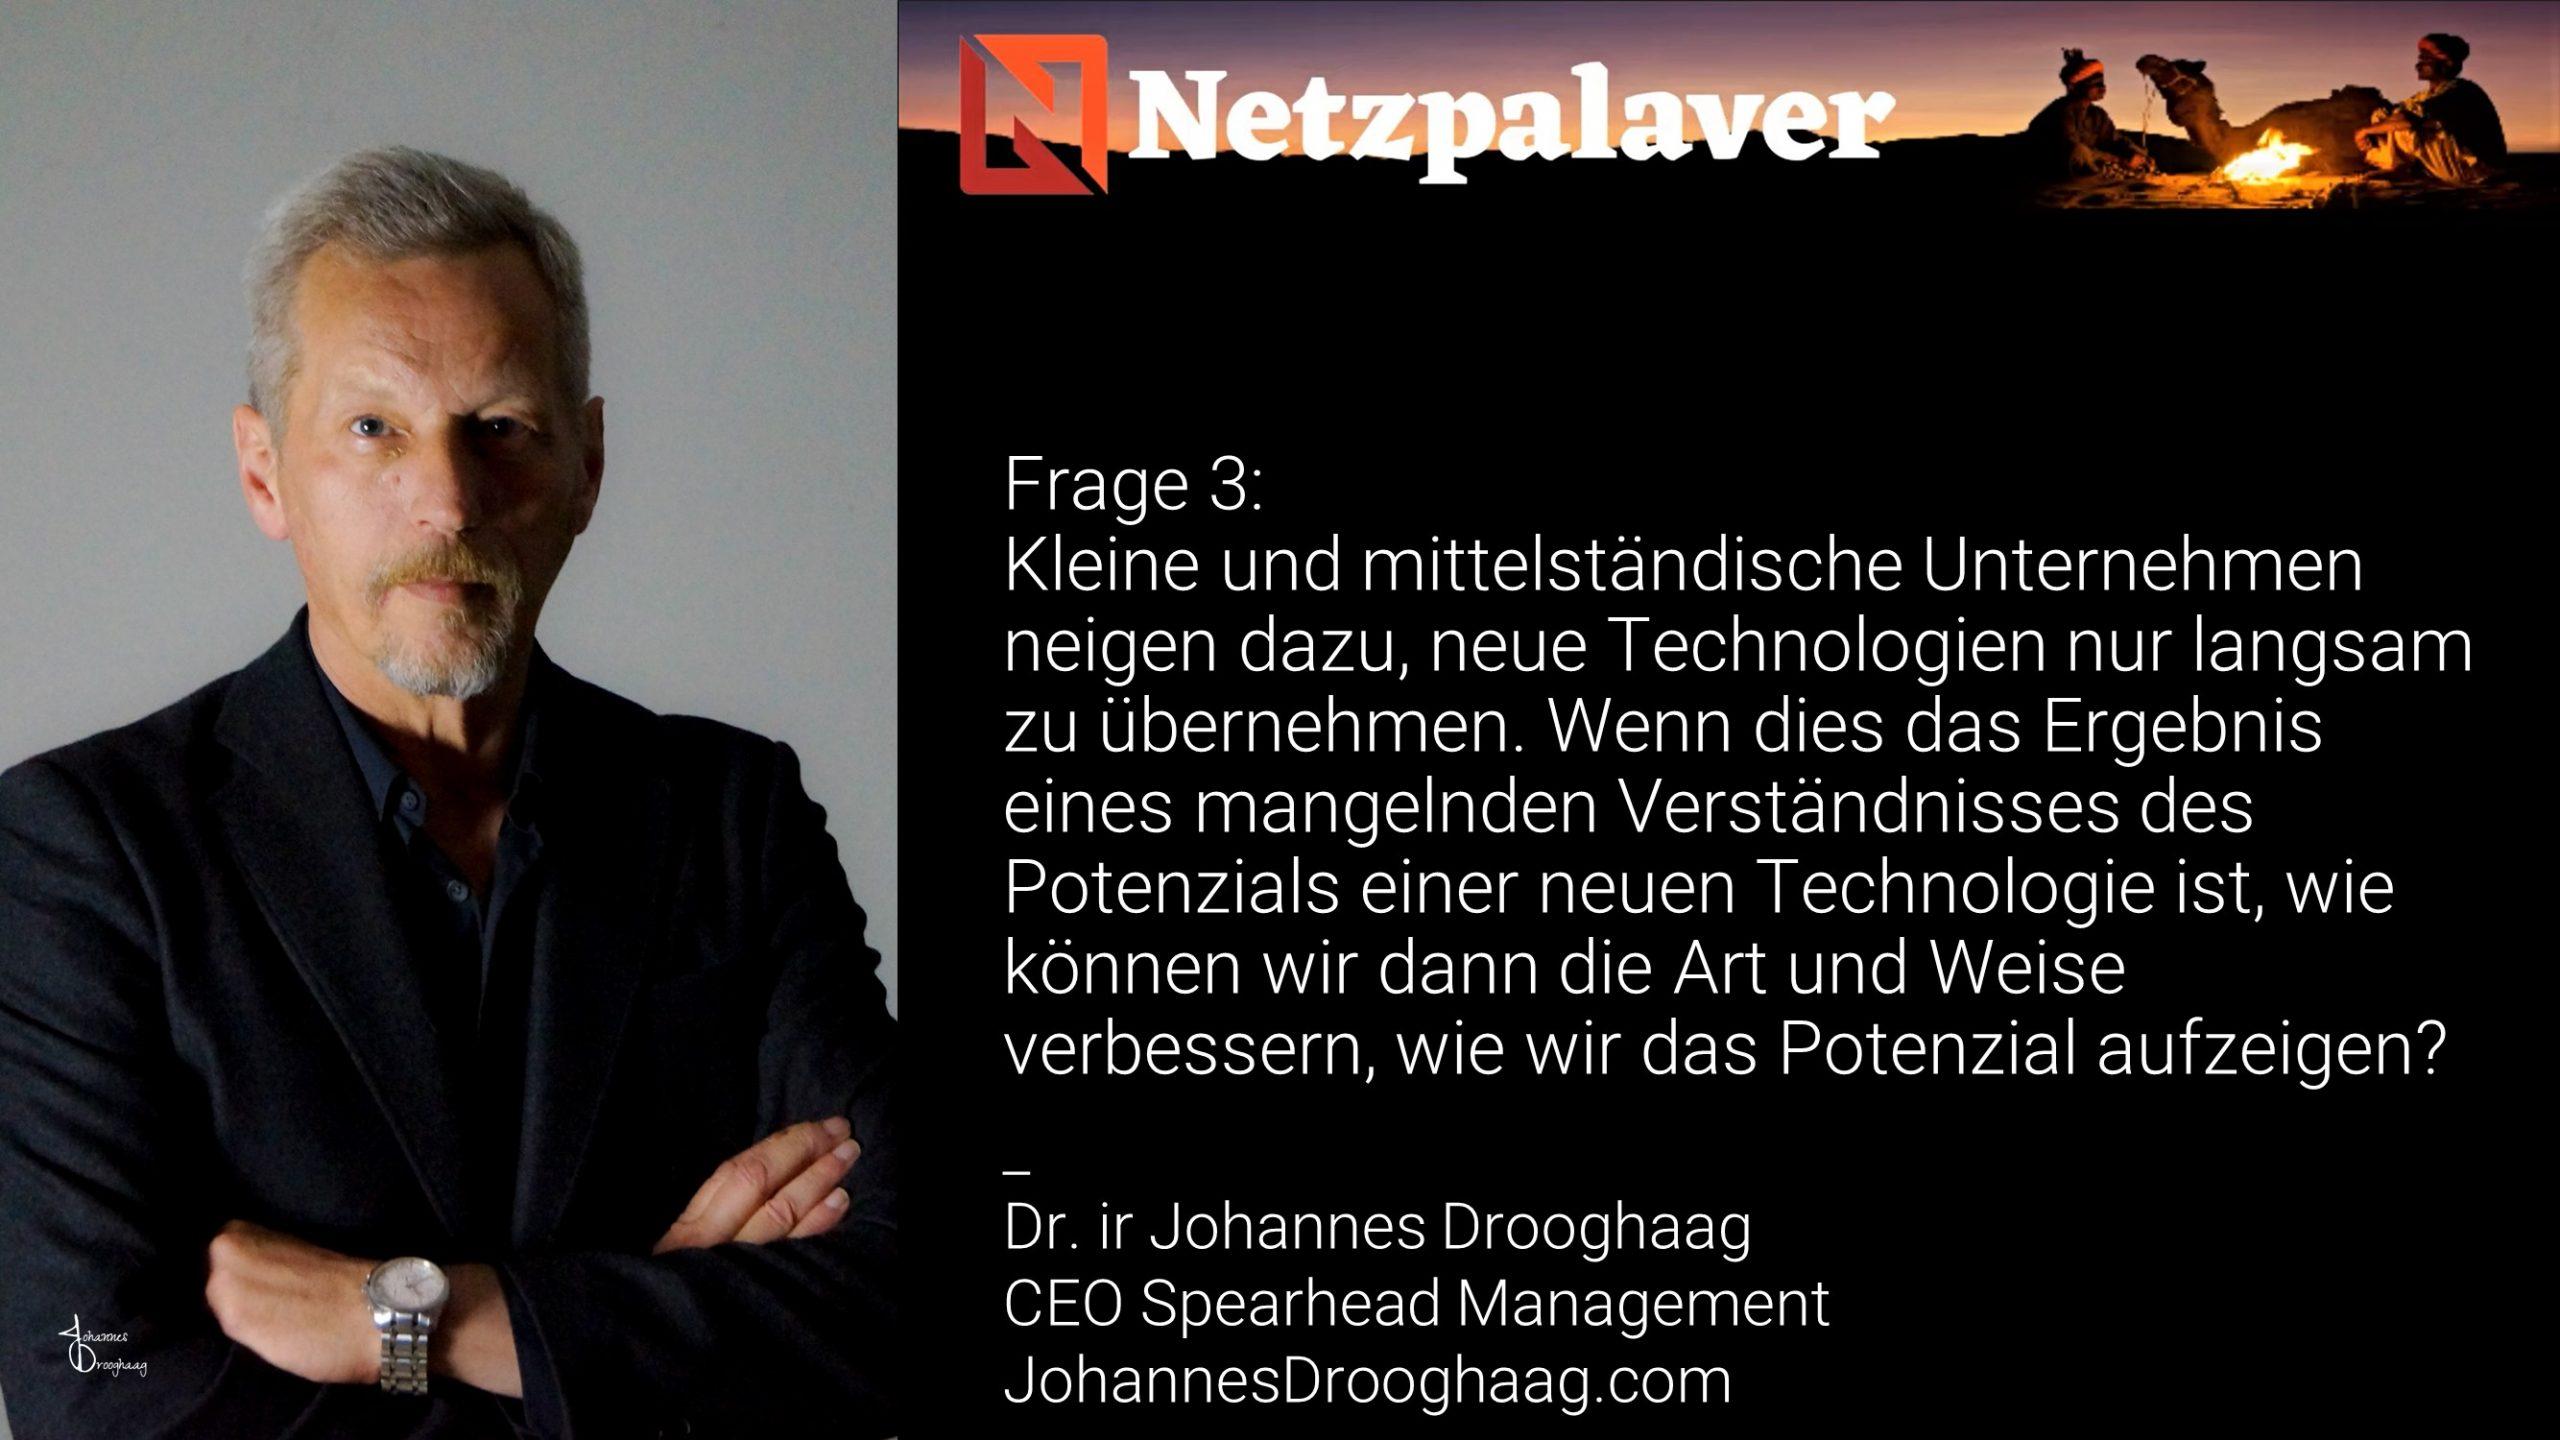 Netzpalaver: Mittelstand und Digitalisierung - Frage 3